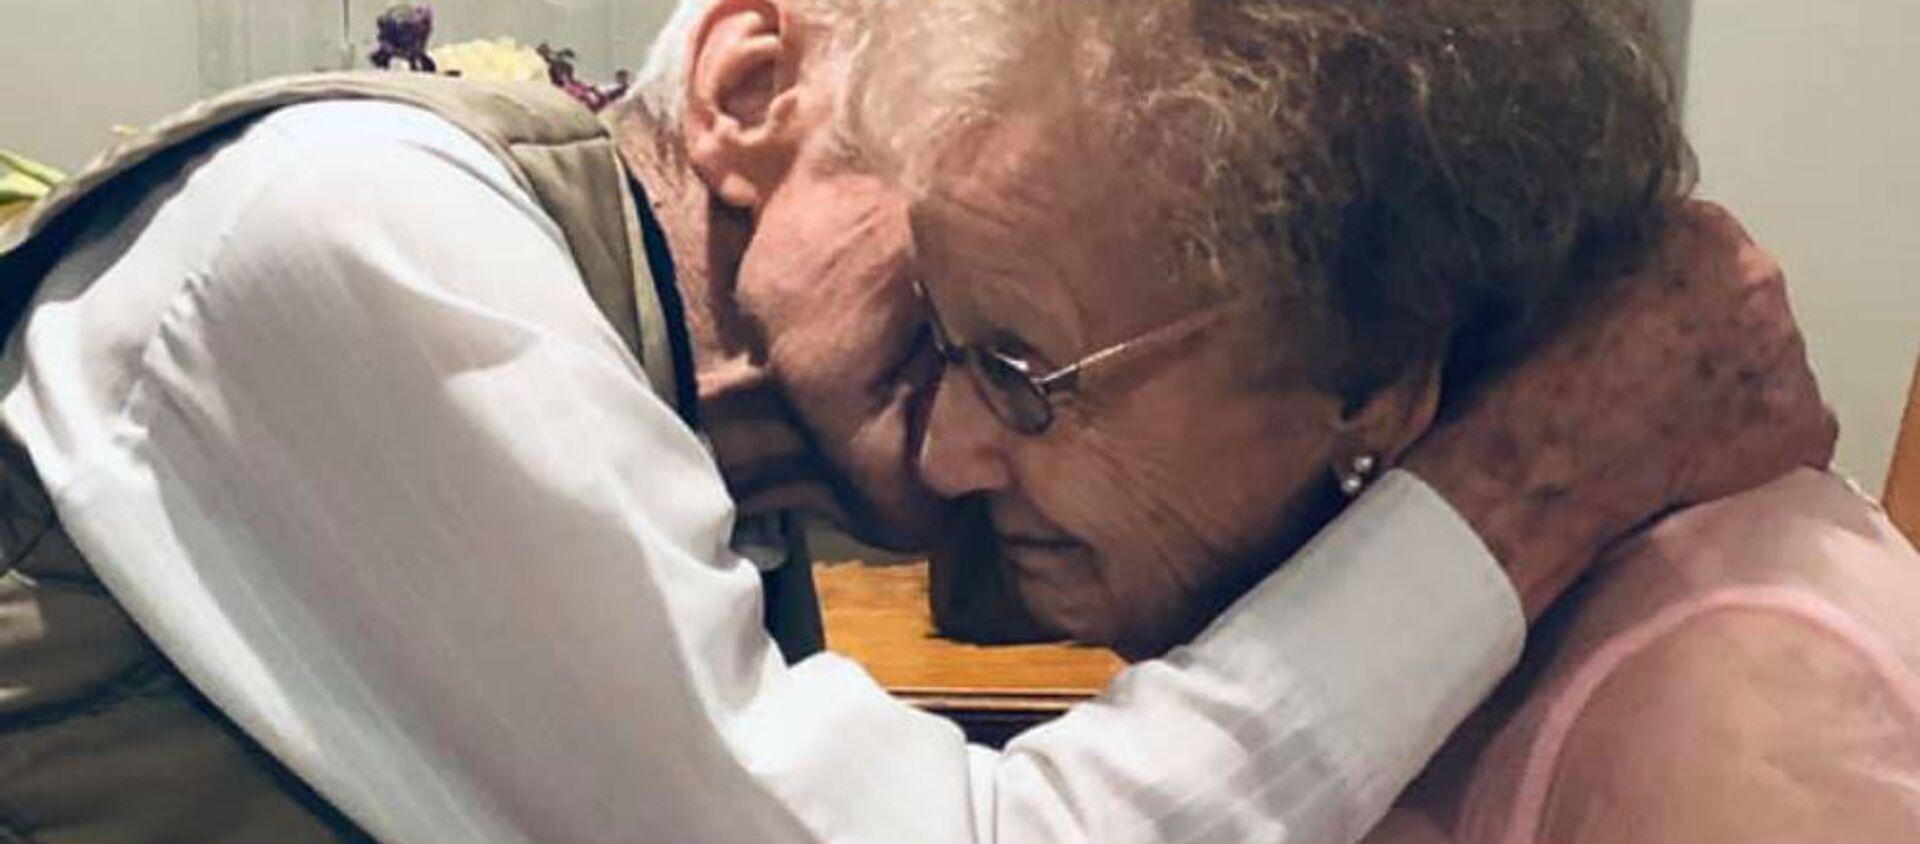 Γιαγιά με άνοια βλέπει τον 72 έτη σύζυγό της και λάμπει από ευτυχία - Sputnik Ελλάδα, 1920, 19.10.2019